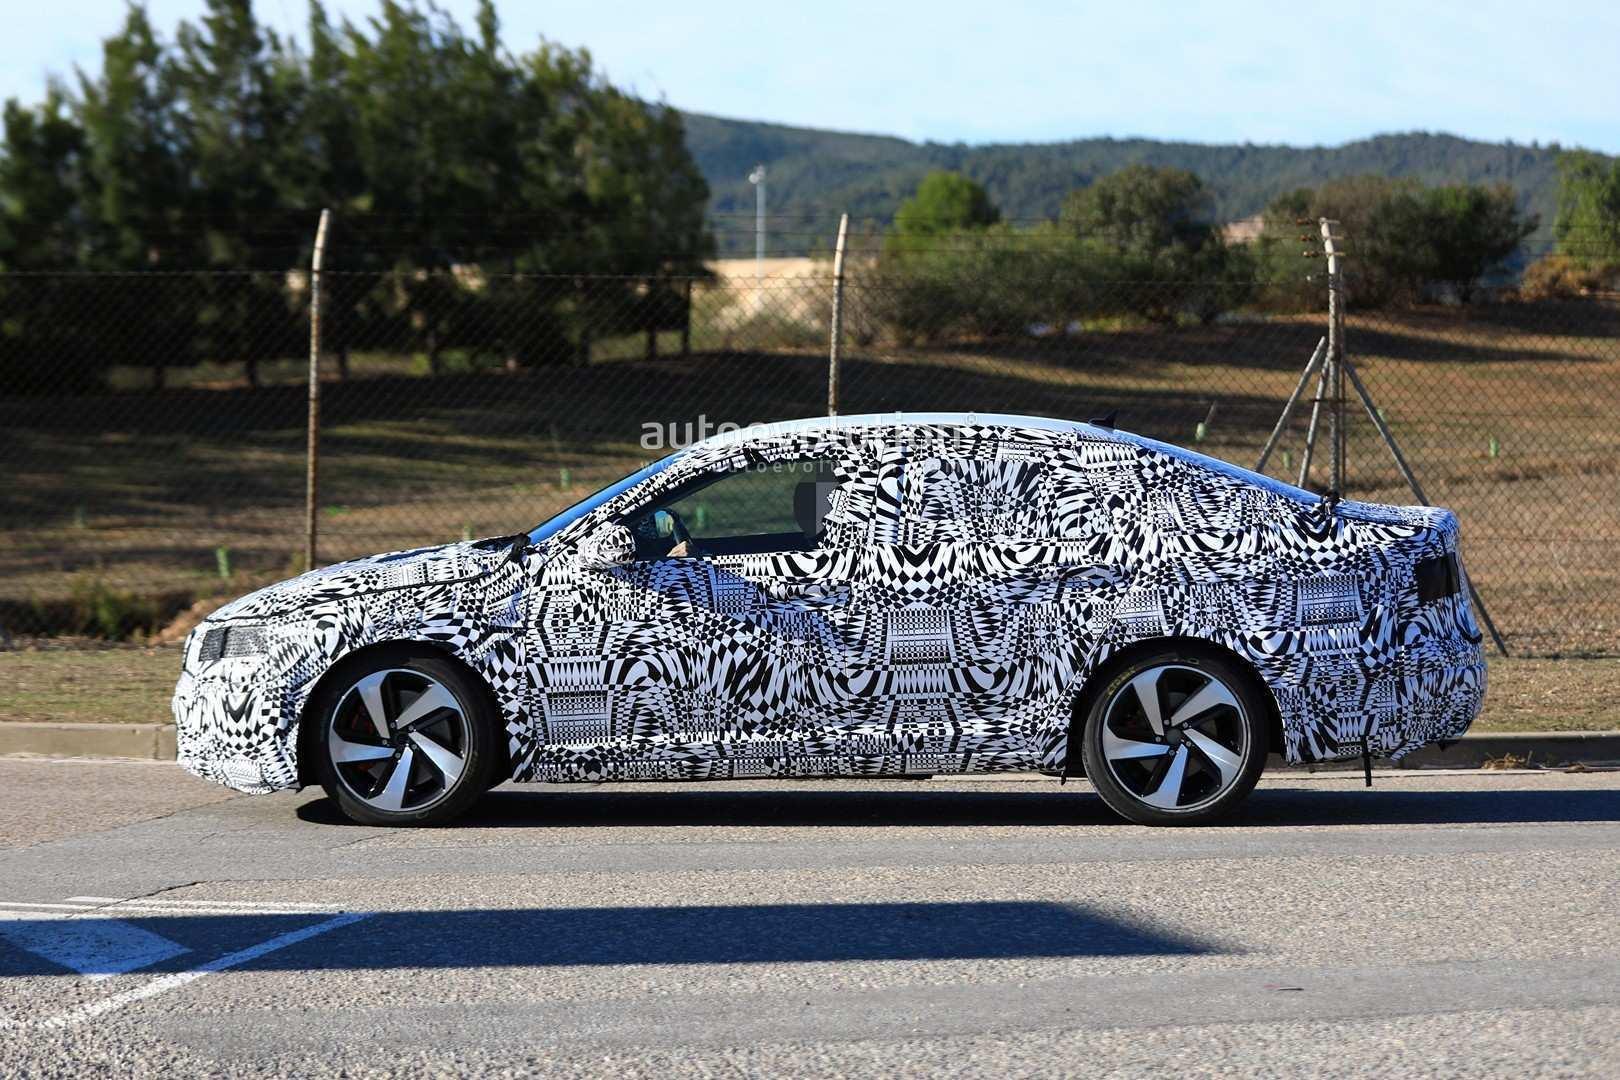 46 New 2020 Volkswagen Gli Exterior and Interior with 2020 Volkswagen Gli